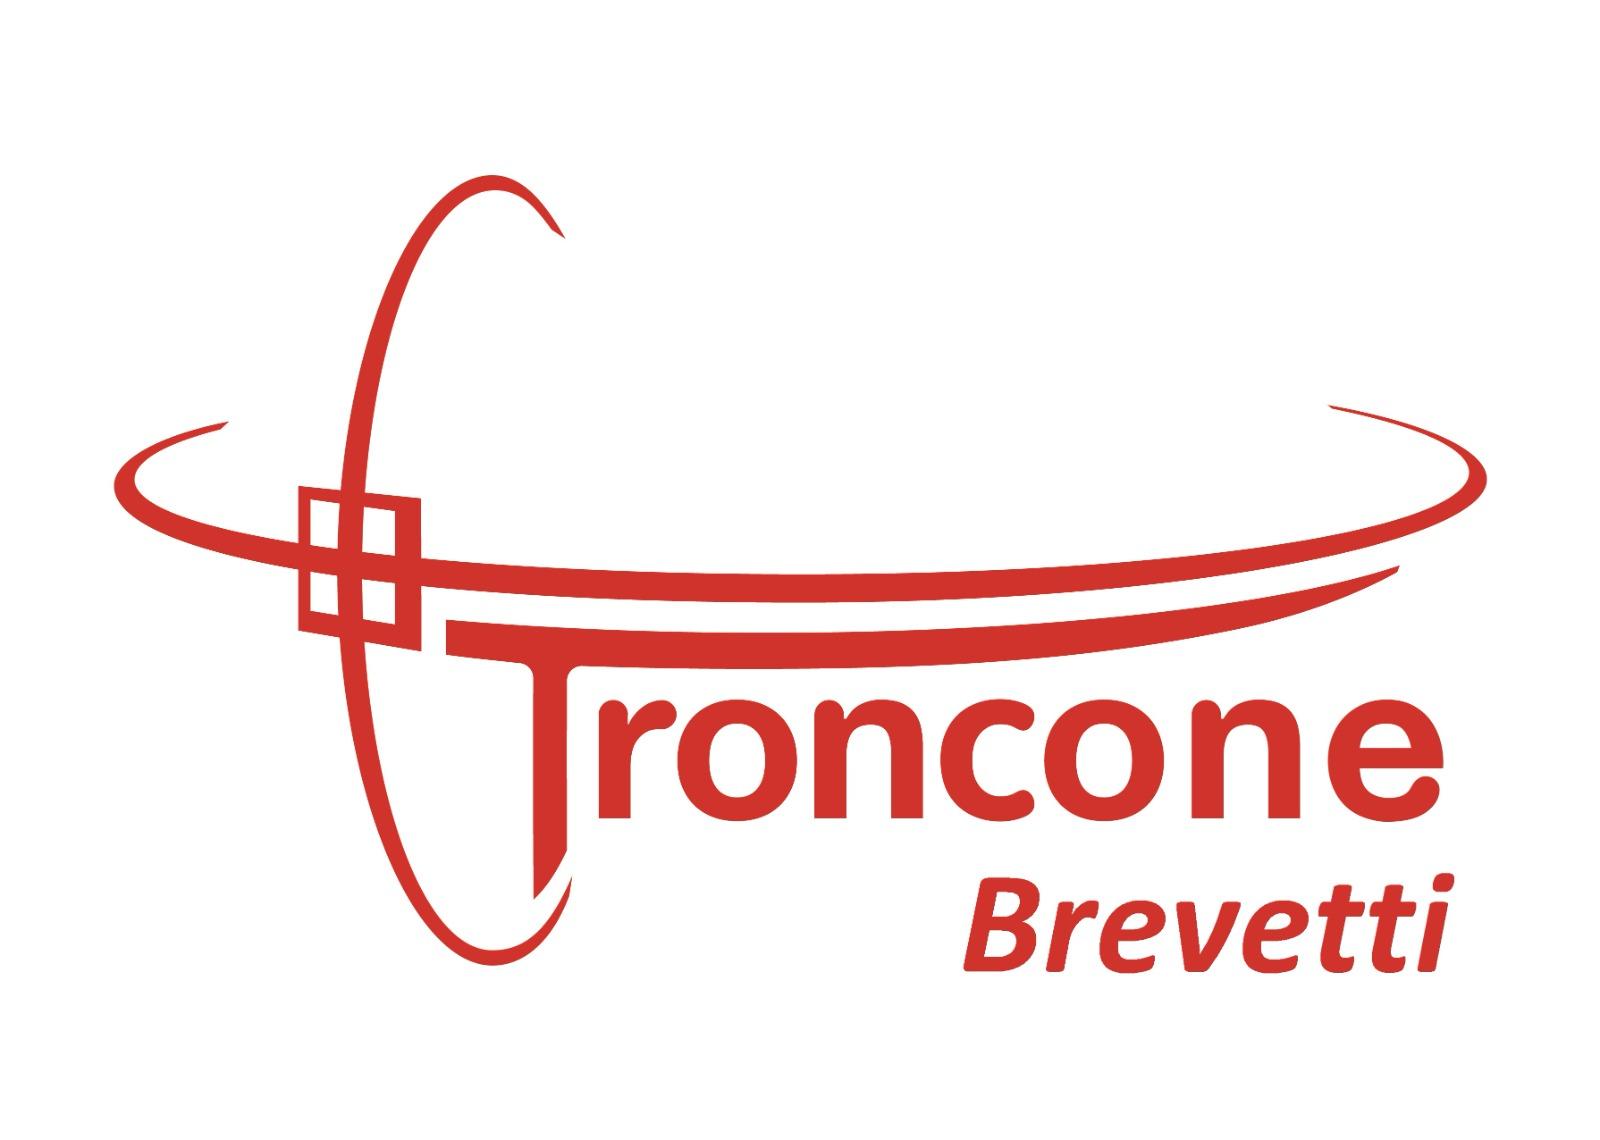 Troncone Brevetti